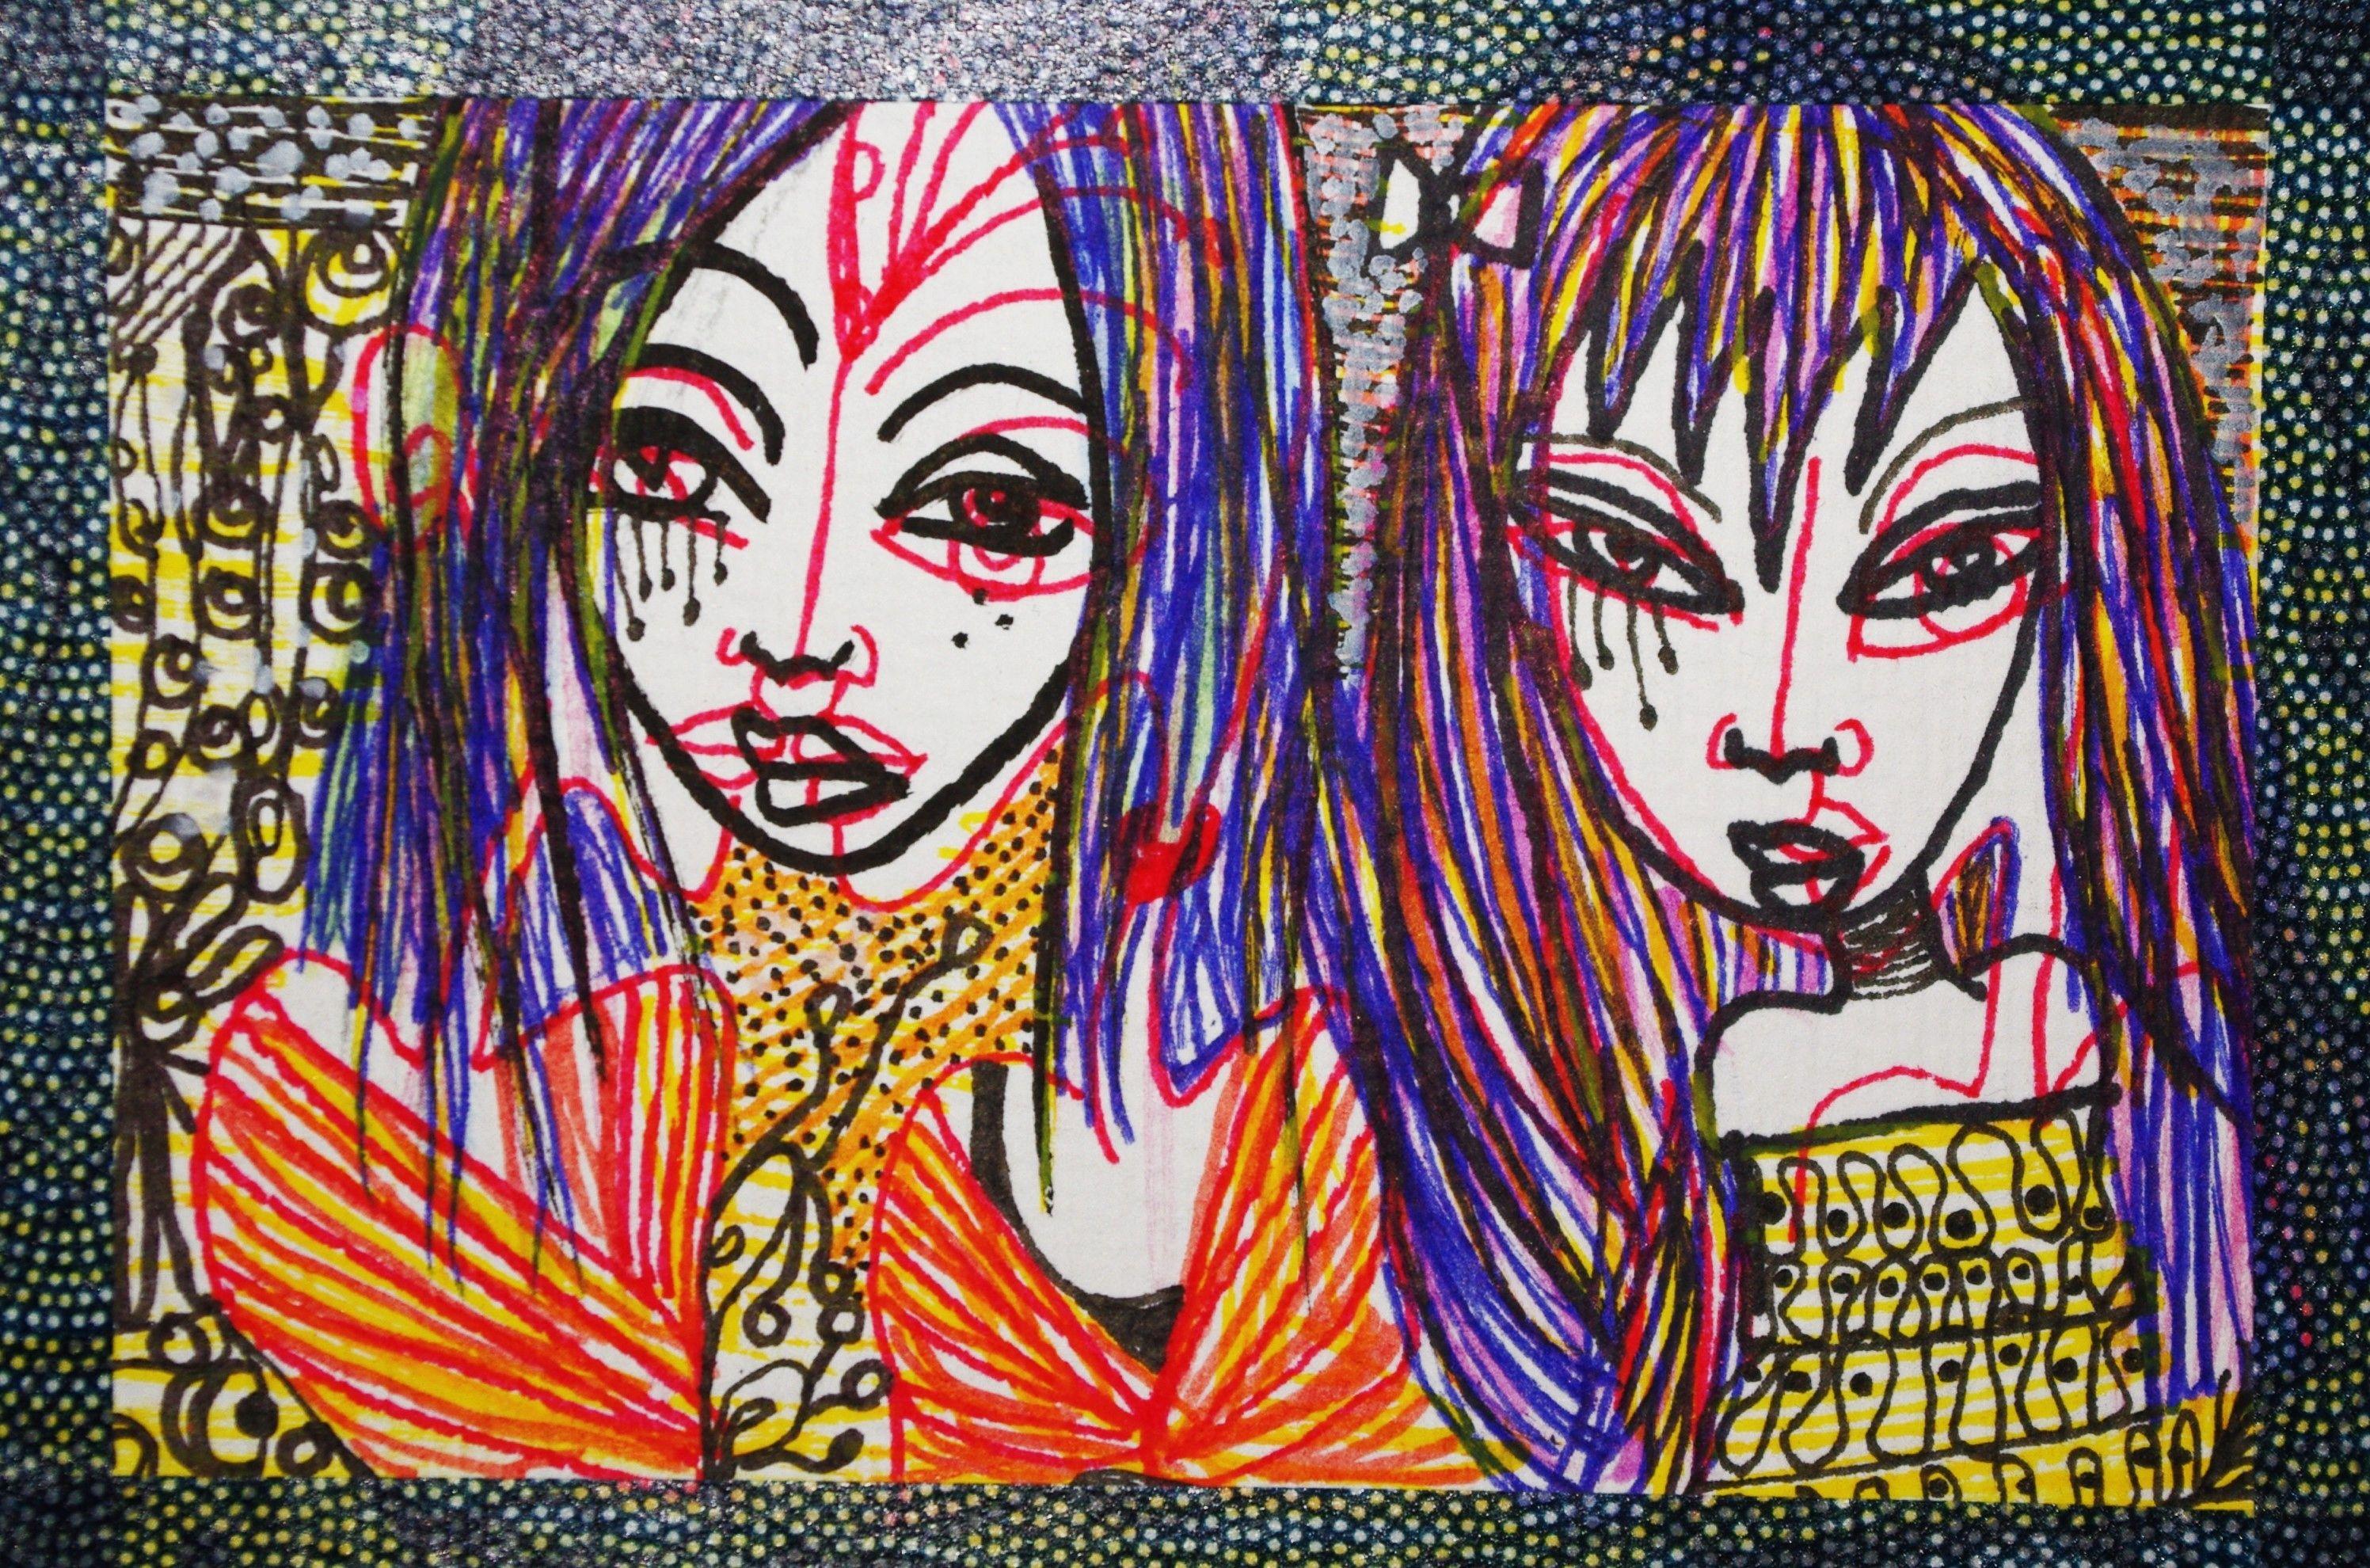 WILD THINGS  acrylique, encre sur papier 2011